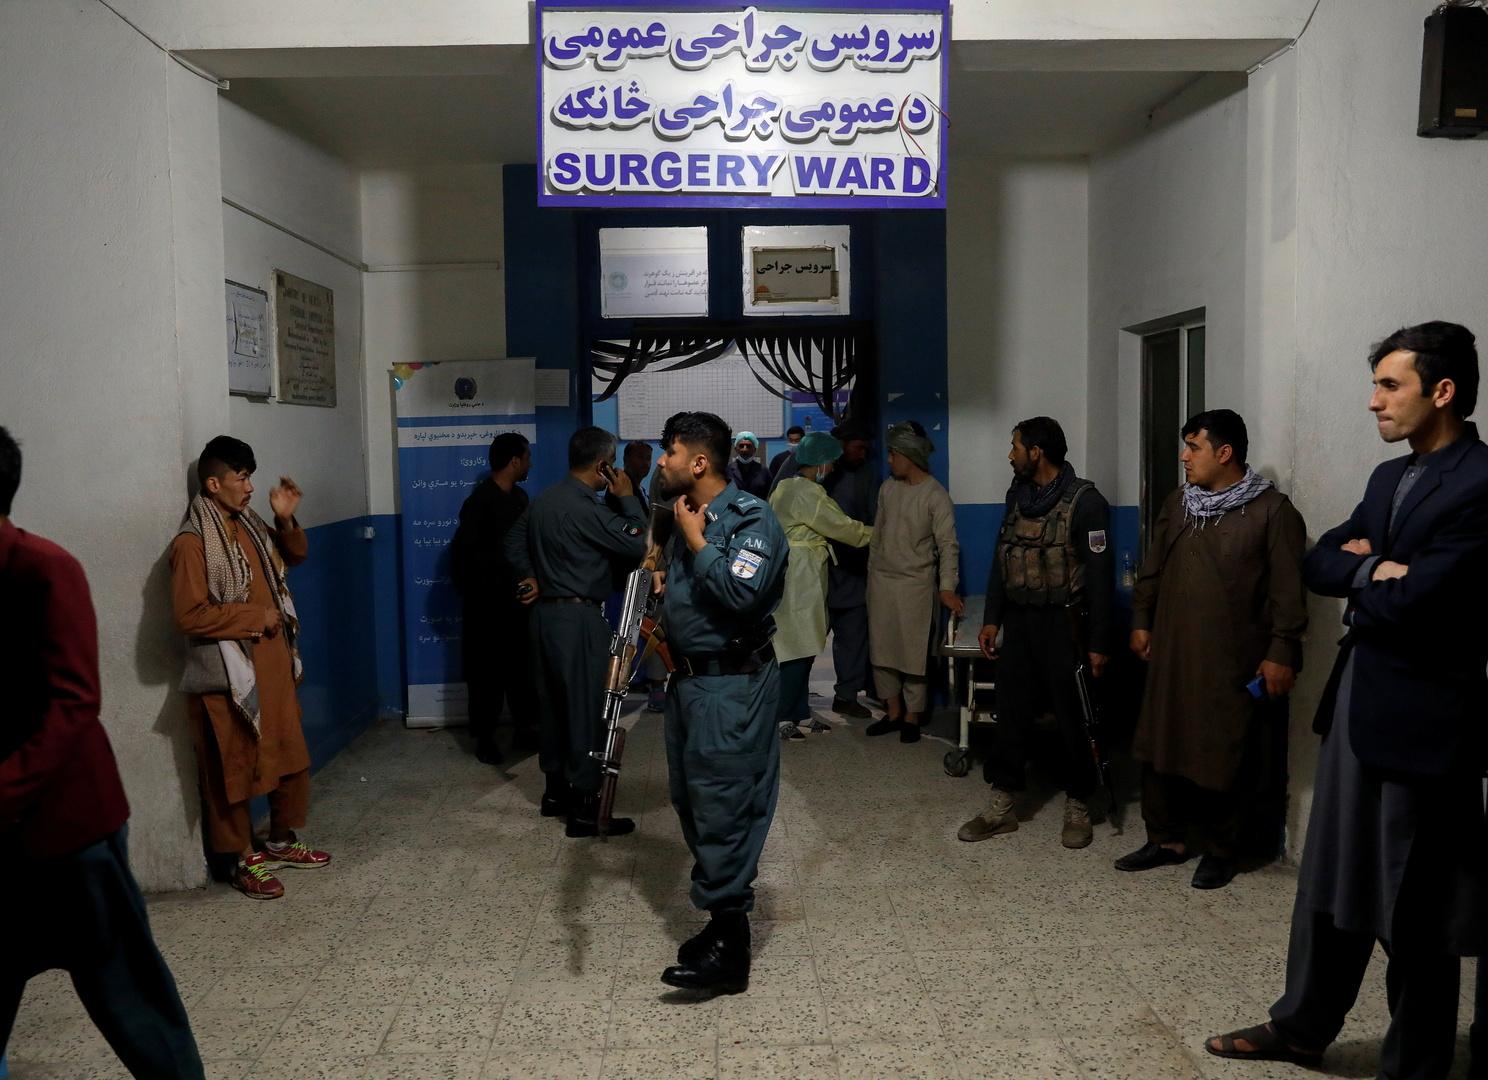 شرطي أفغاني يحرس مدخل مستشفى بعد انفجار في كابل